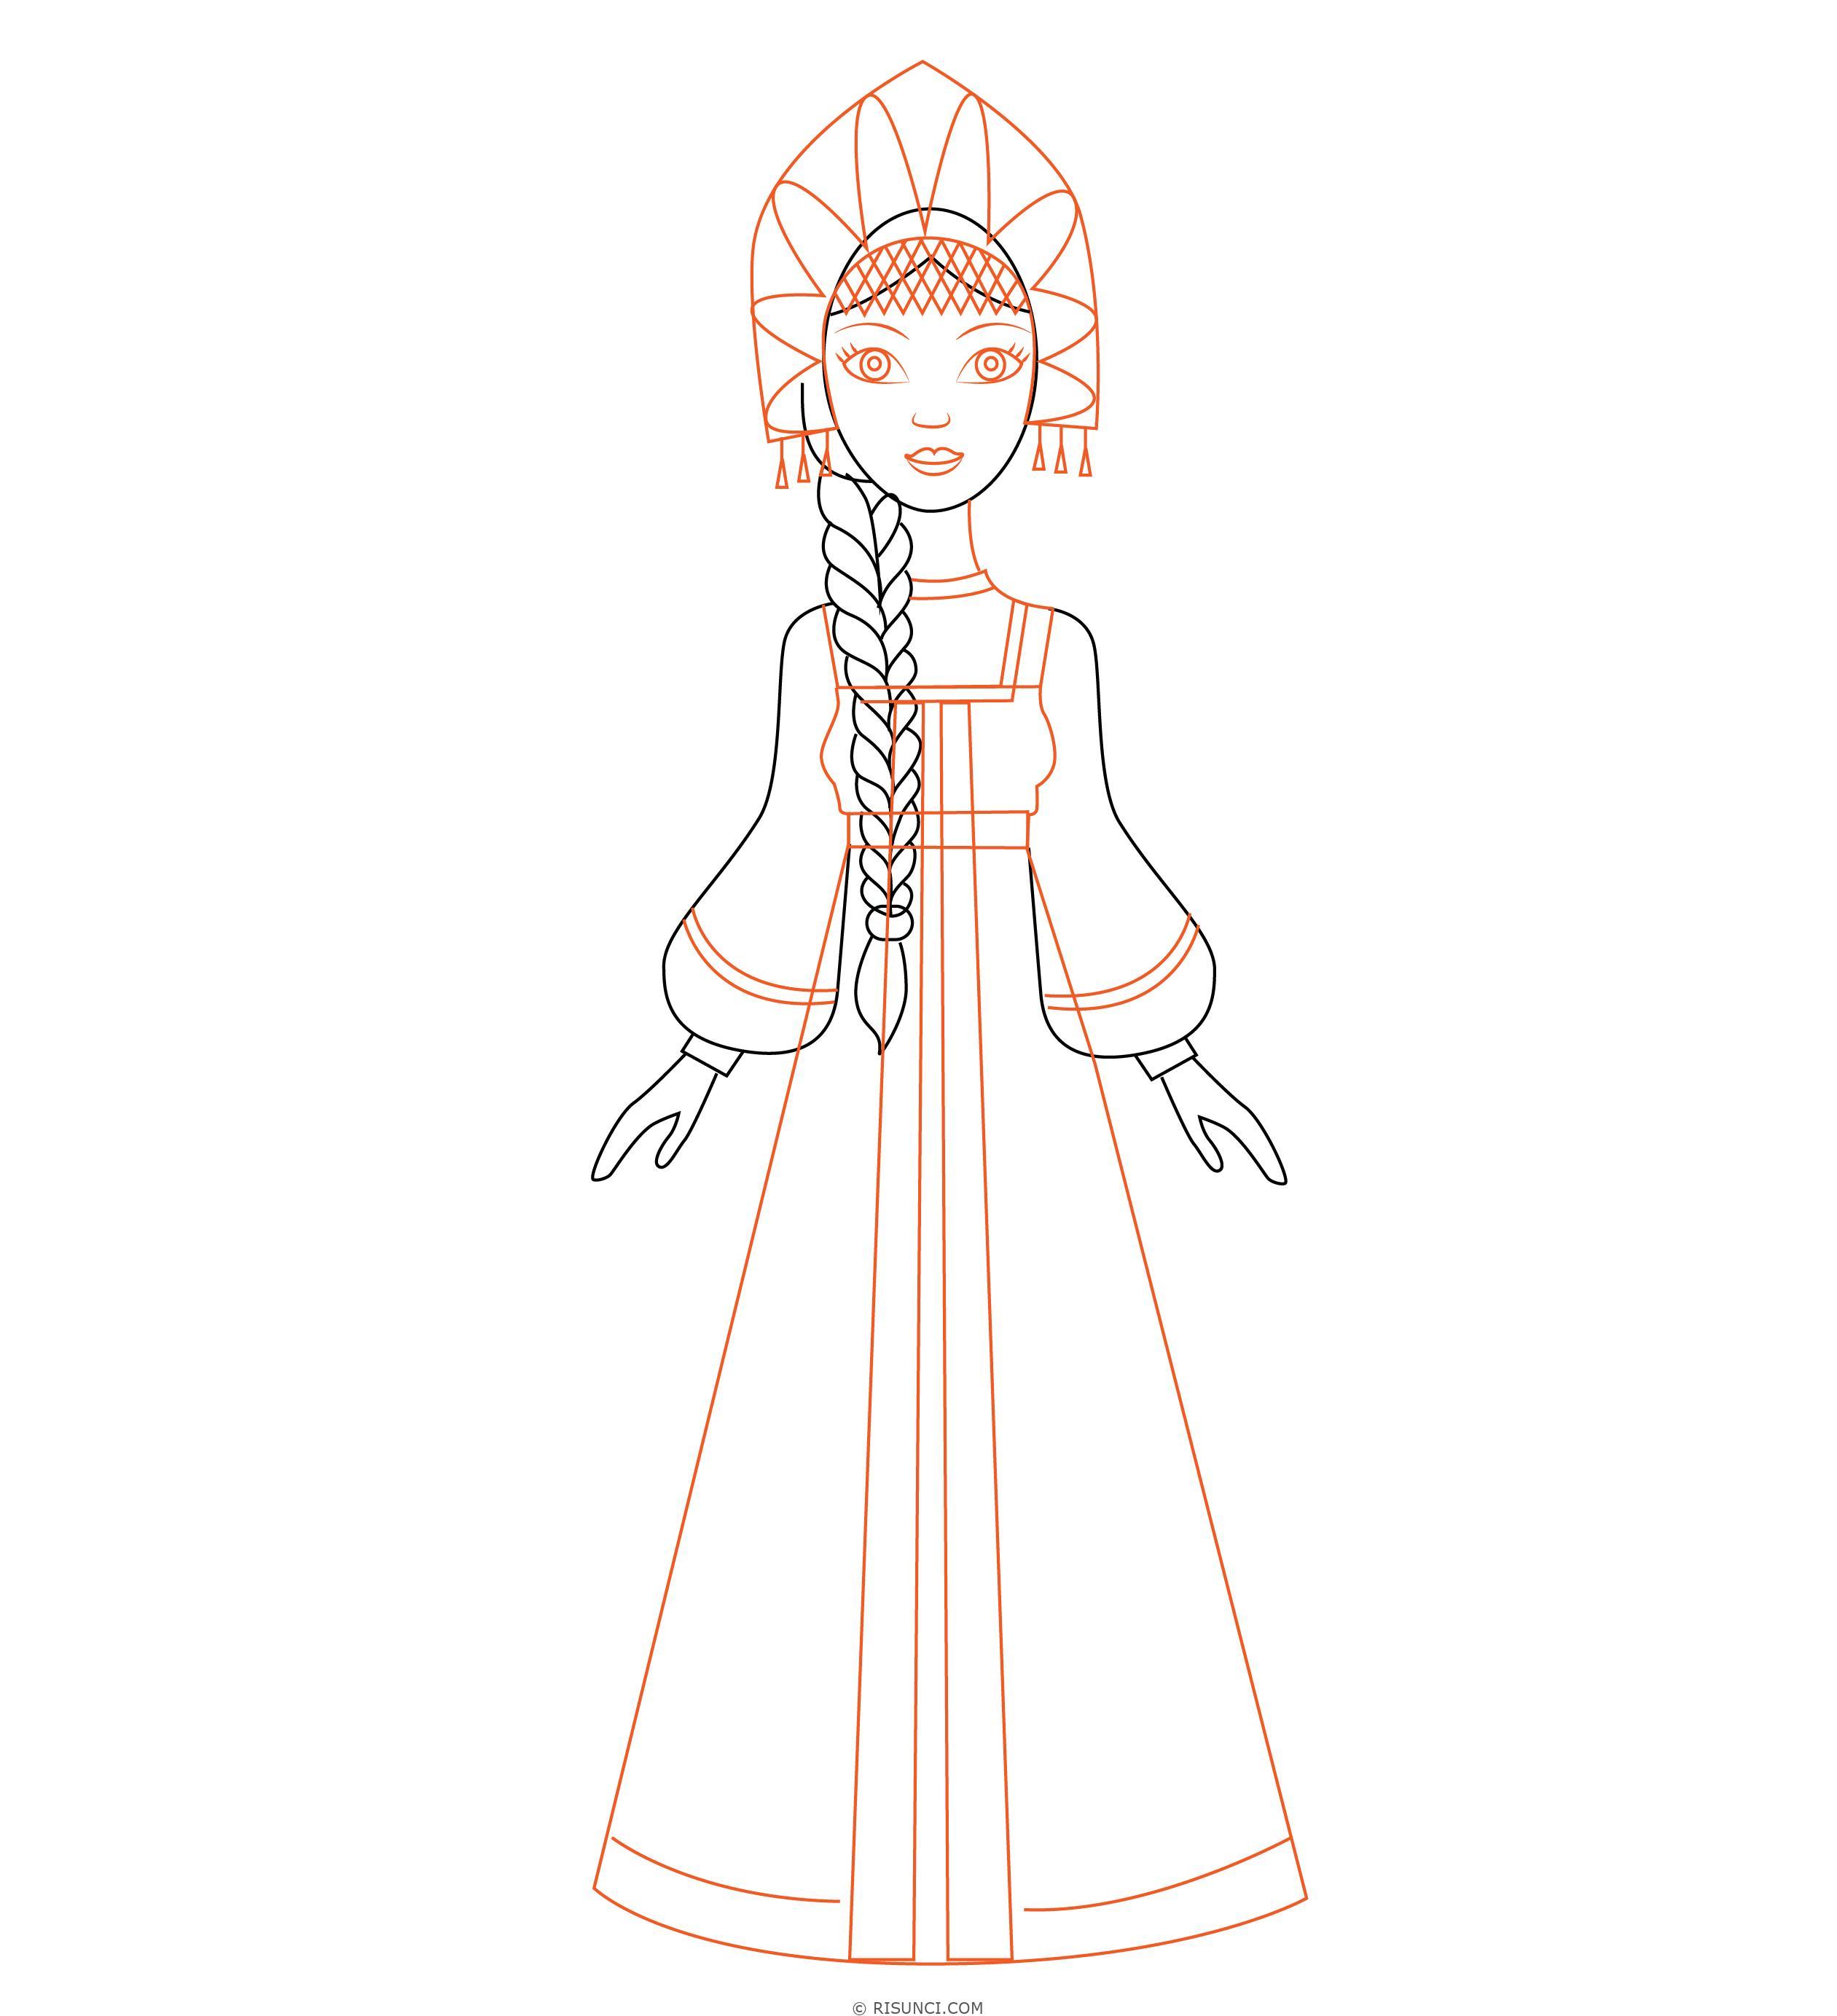 Русские народные костюмы рисунок простой дала